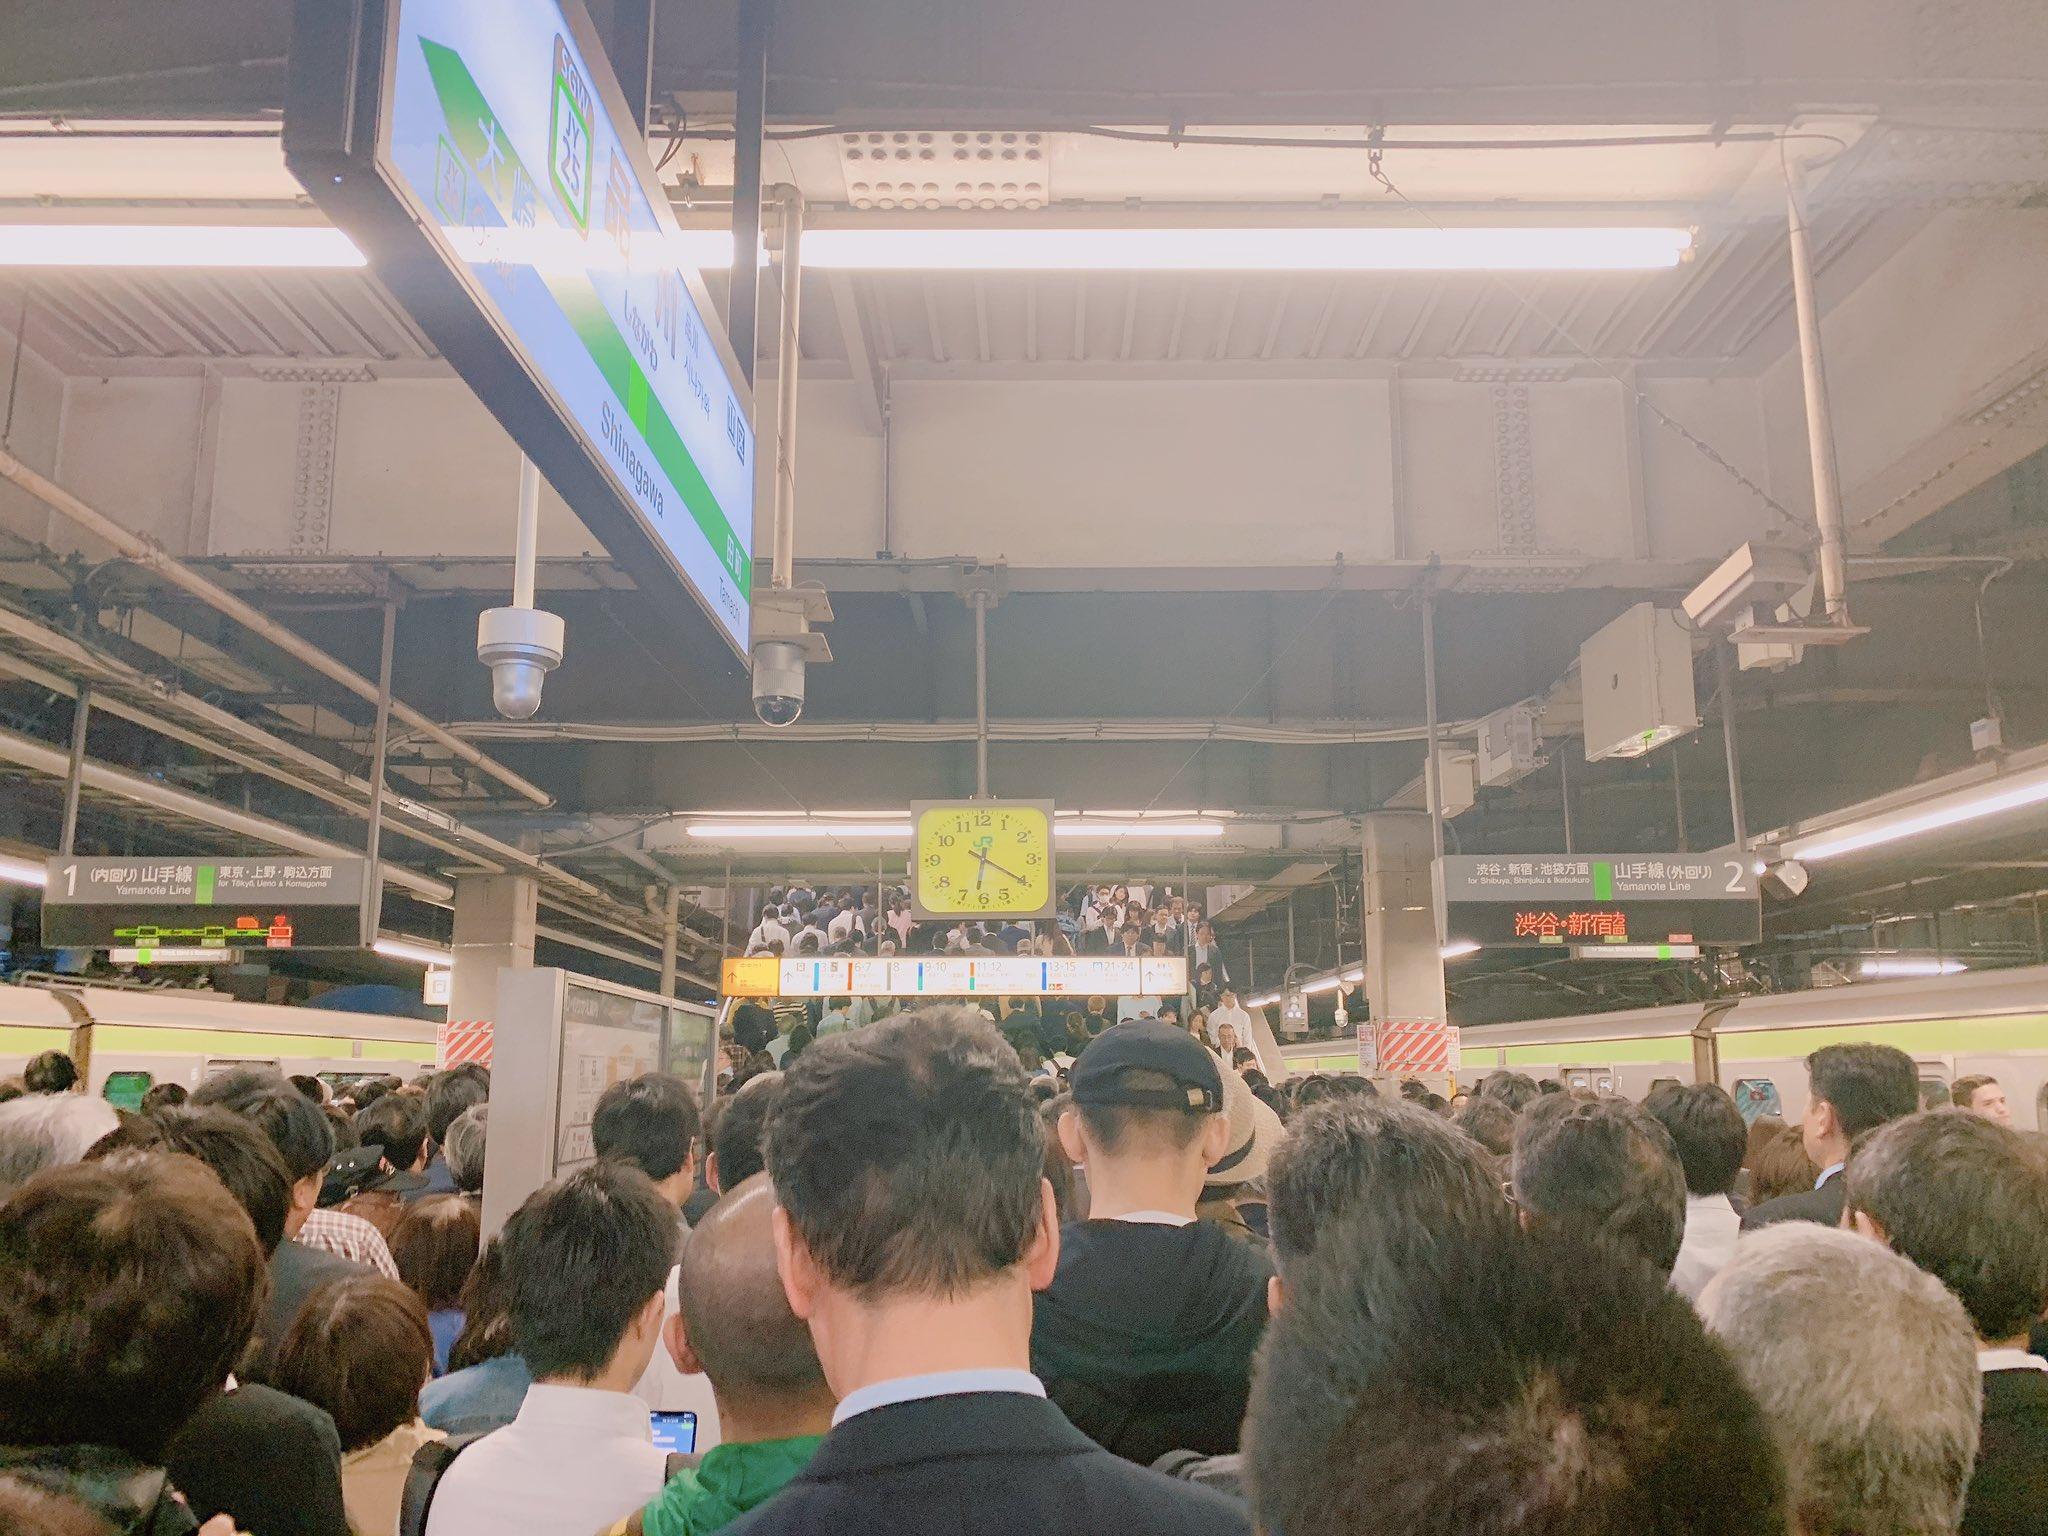 画像,品川駅、全握のときの海浜幕張並みで草 https://t.co/TNuEVp2jfI。